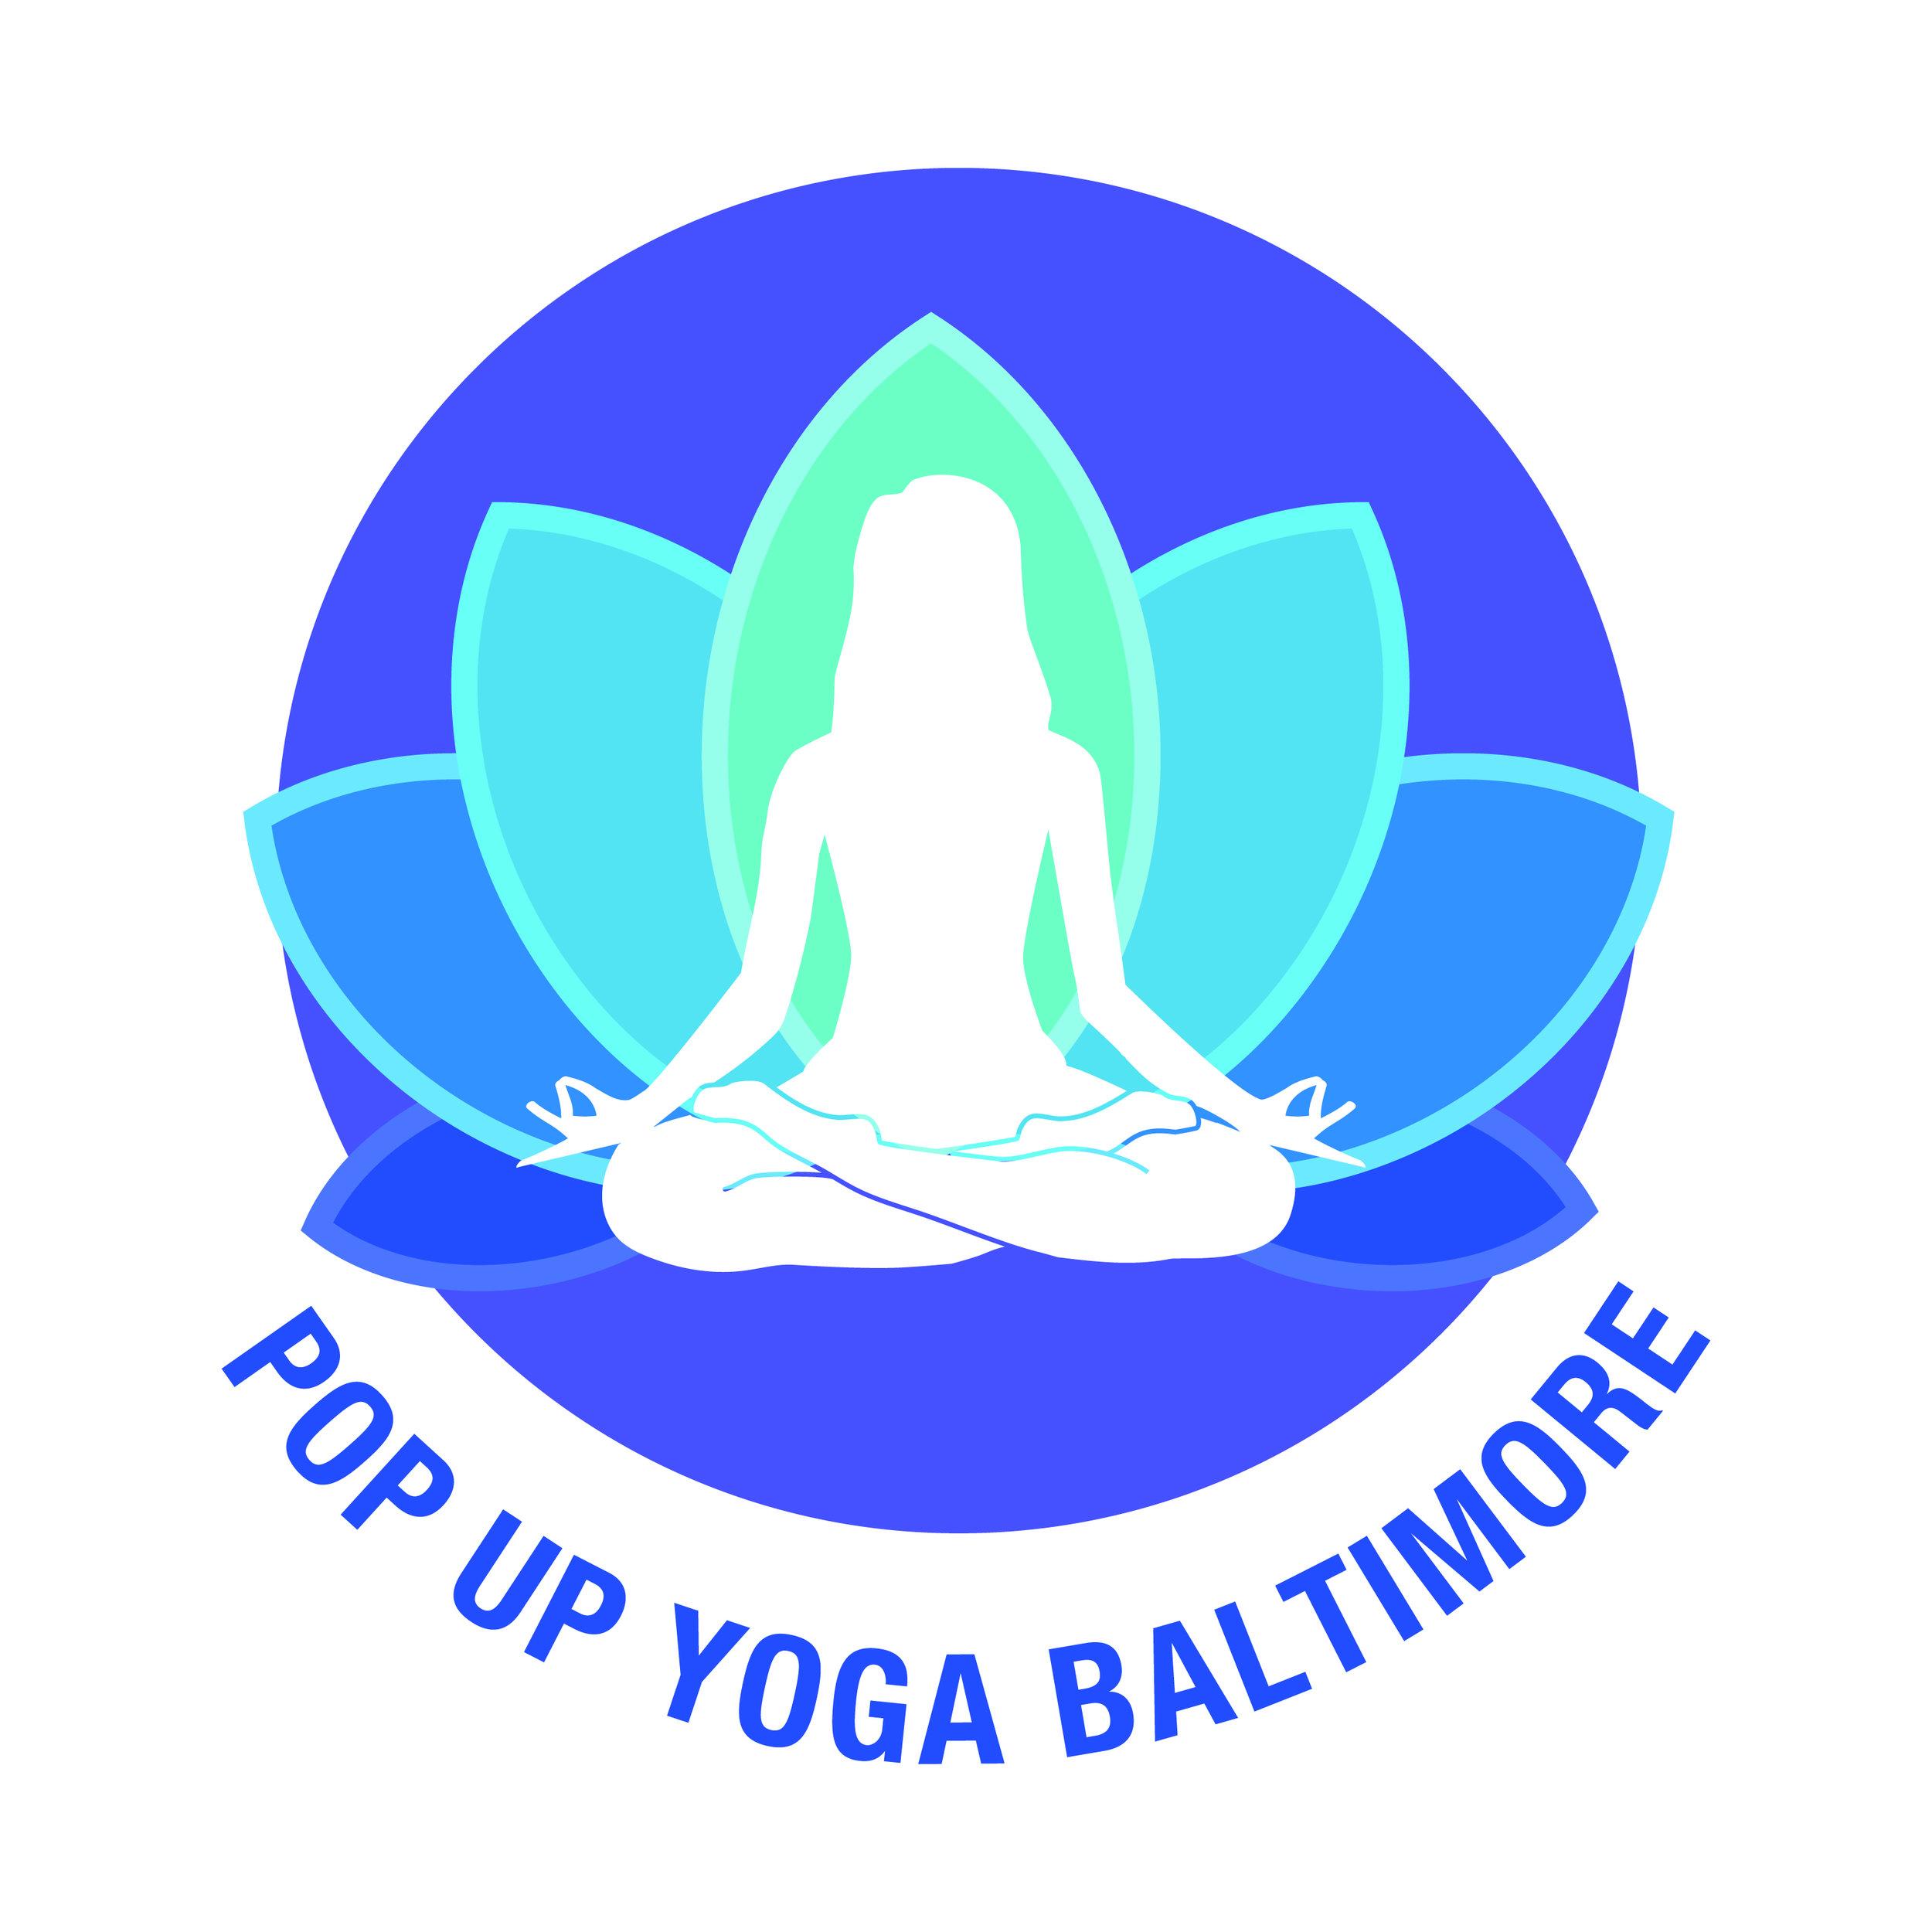 PopUpYogaBaltimore_Logo_CMYK.jpg